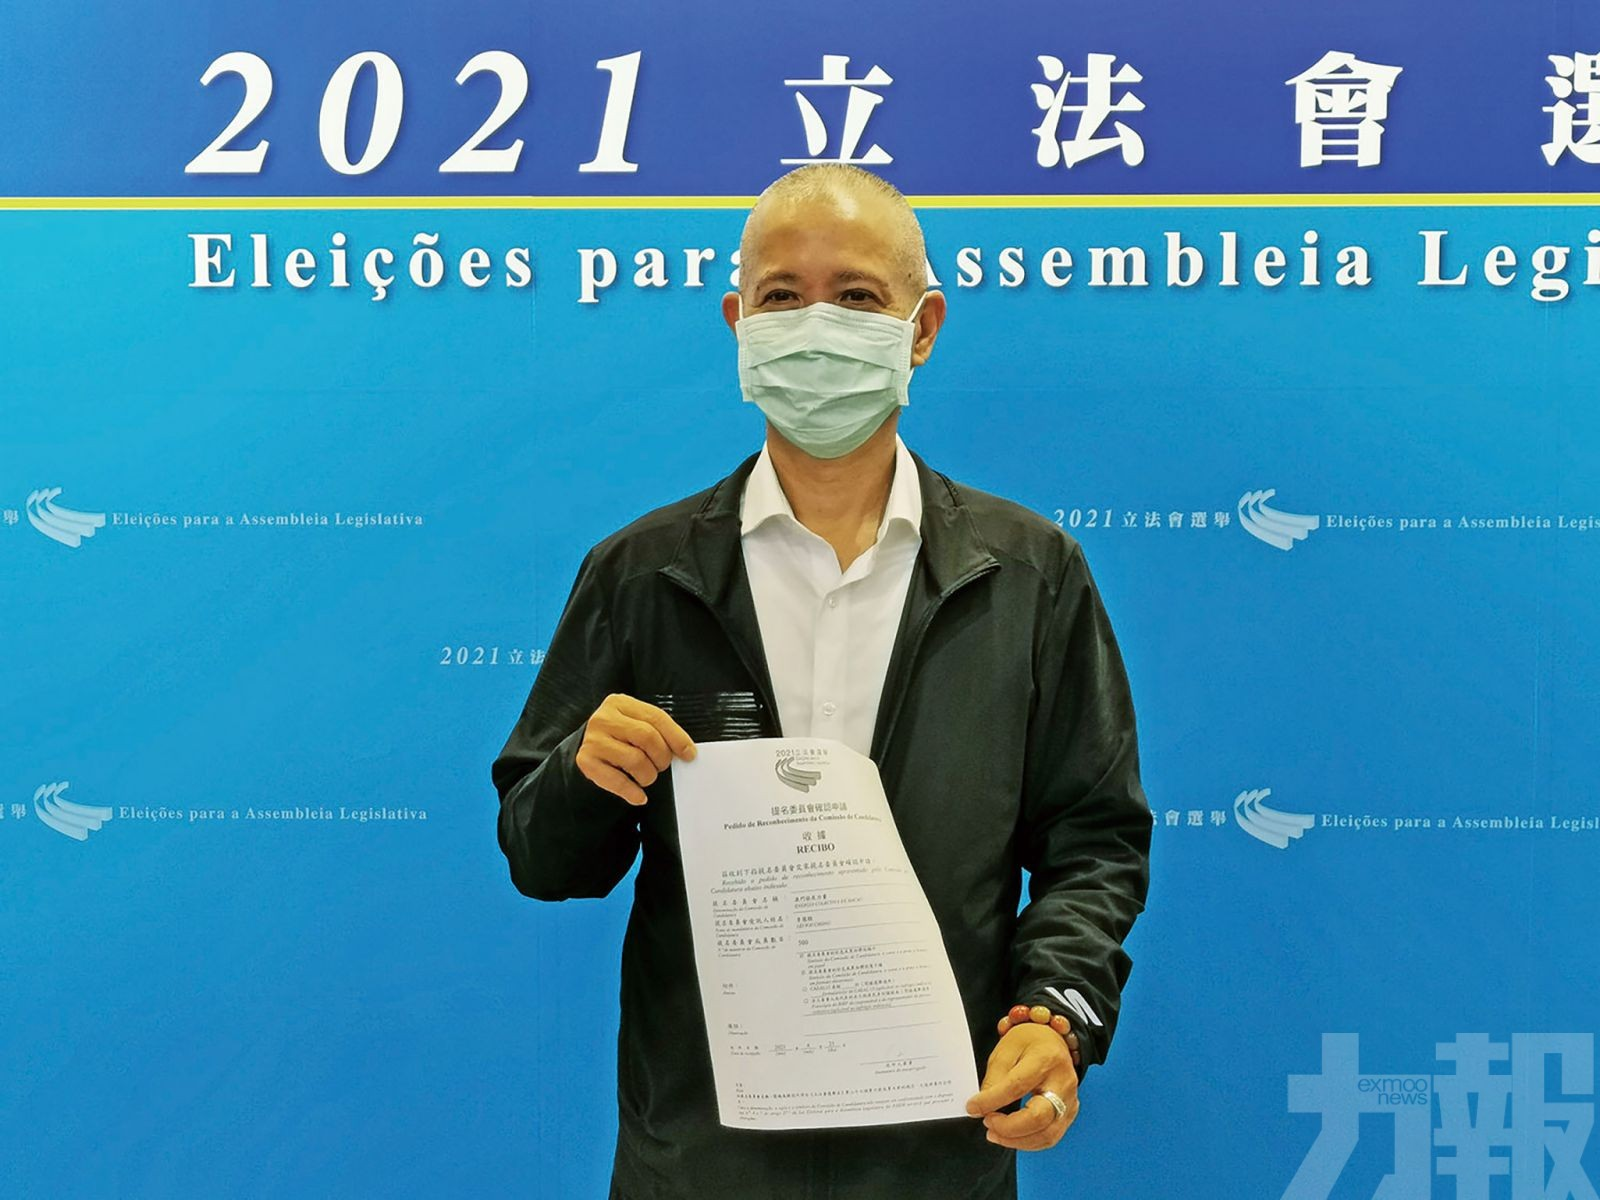 陳德勝宣布參選立法會議員